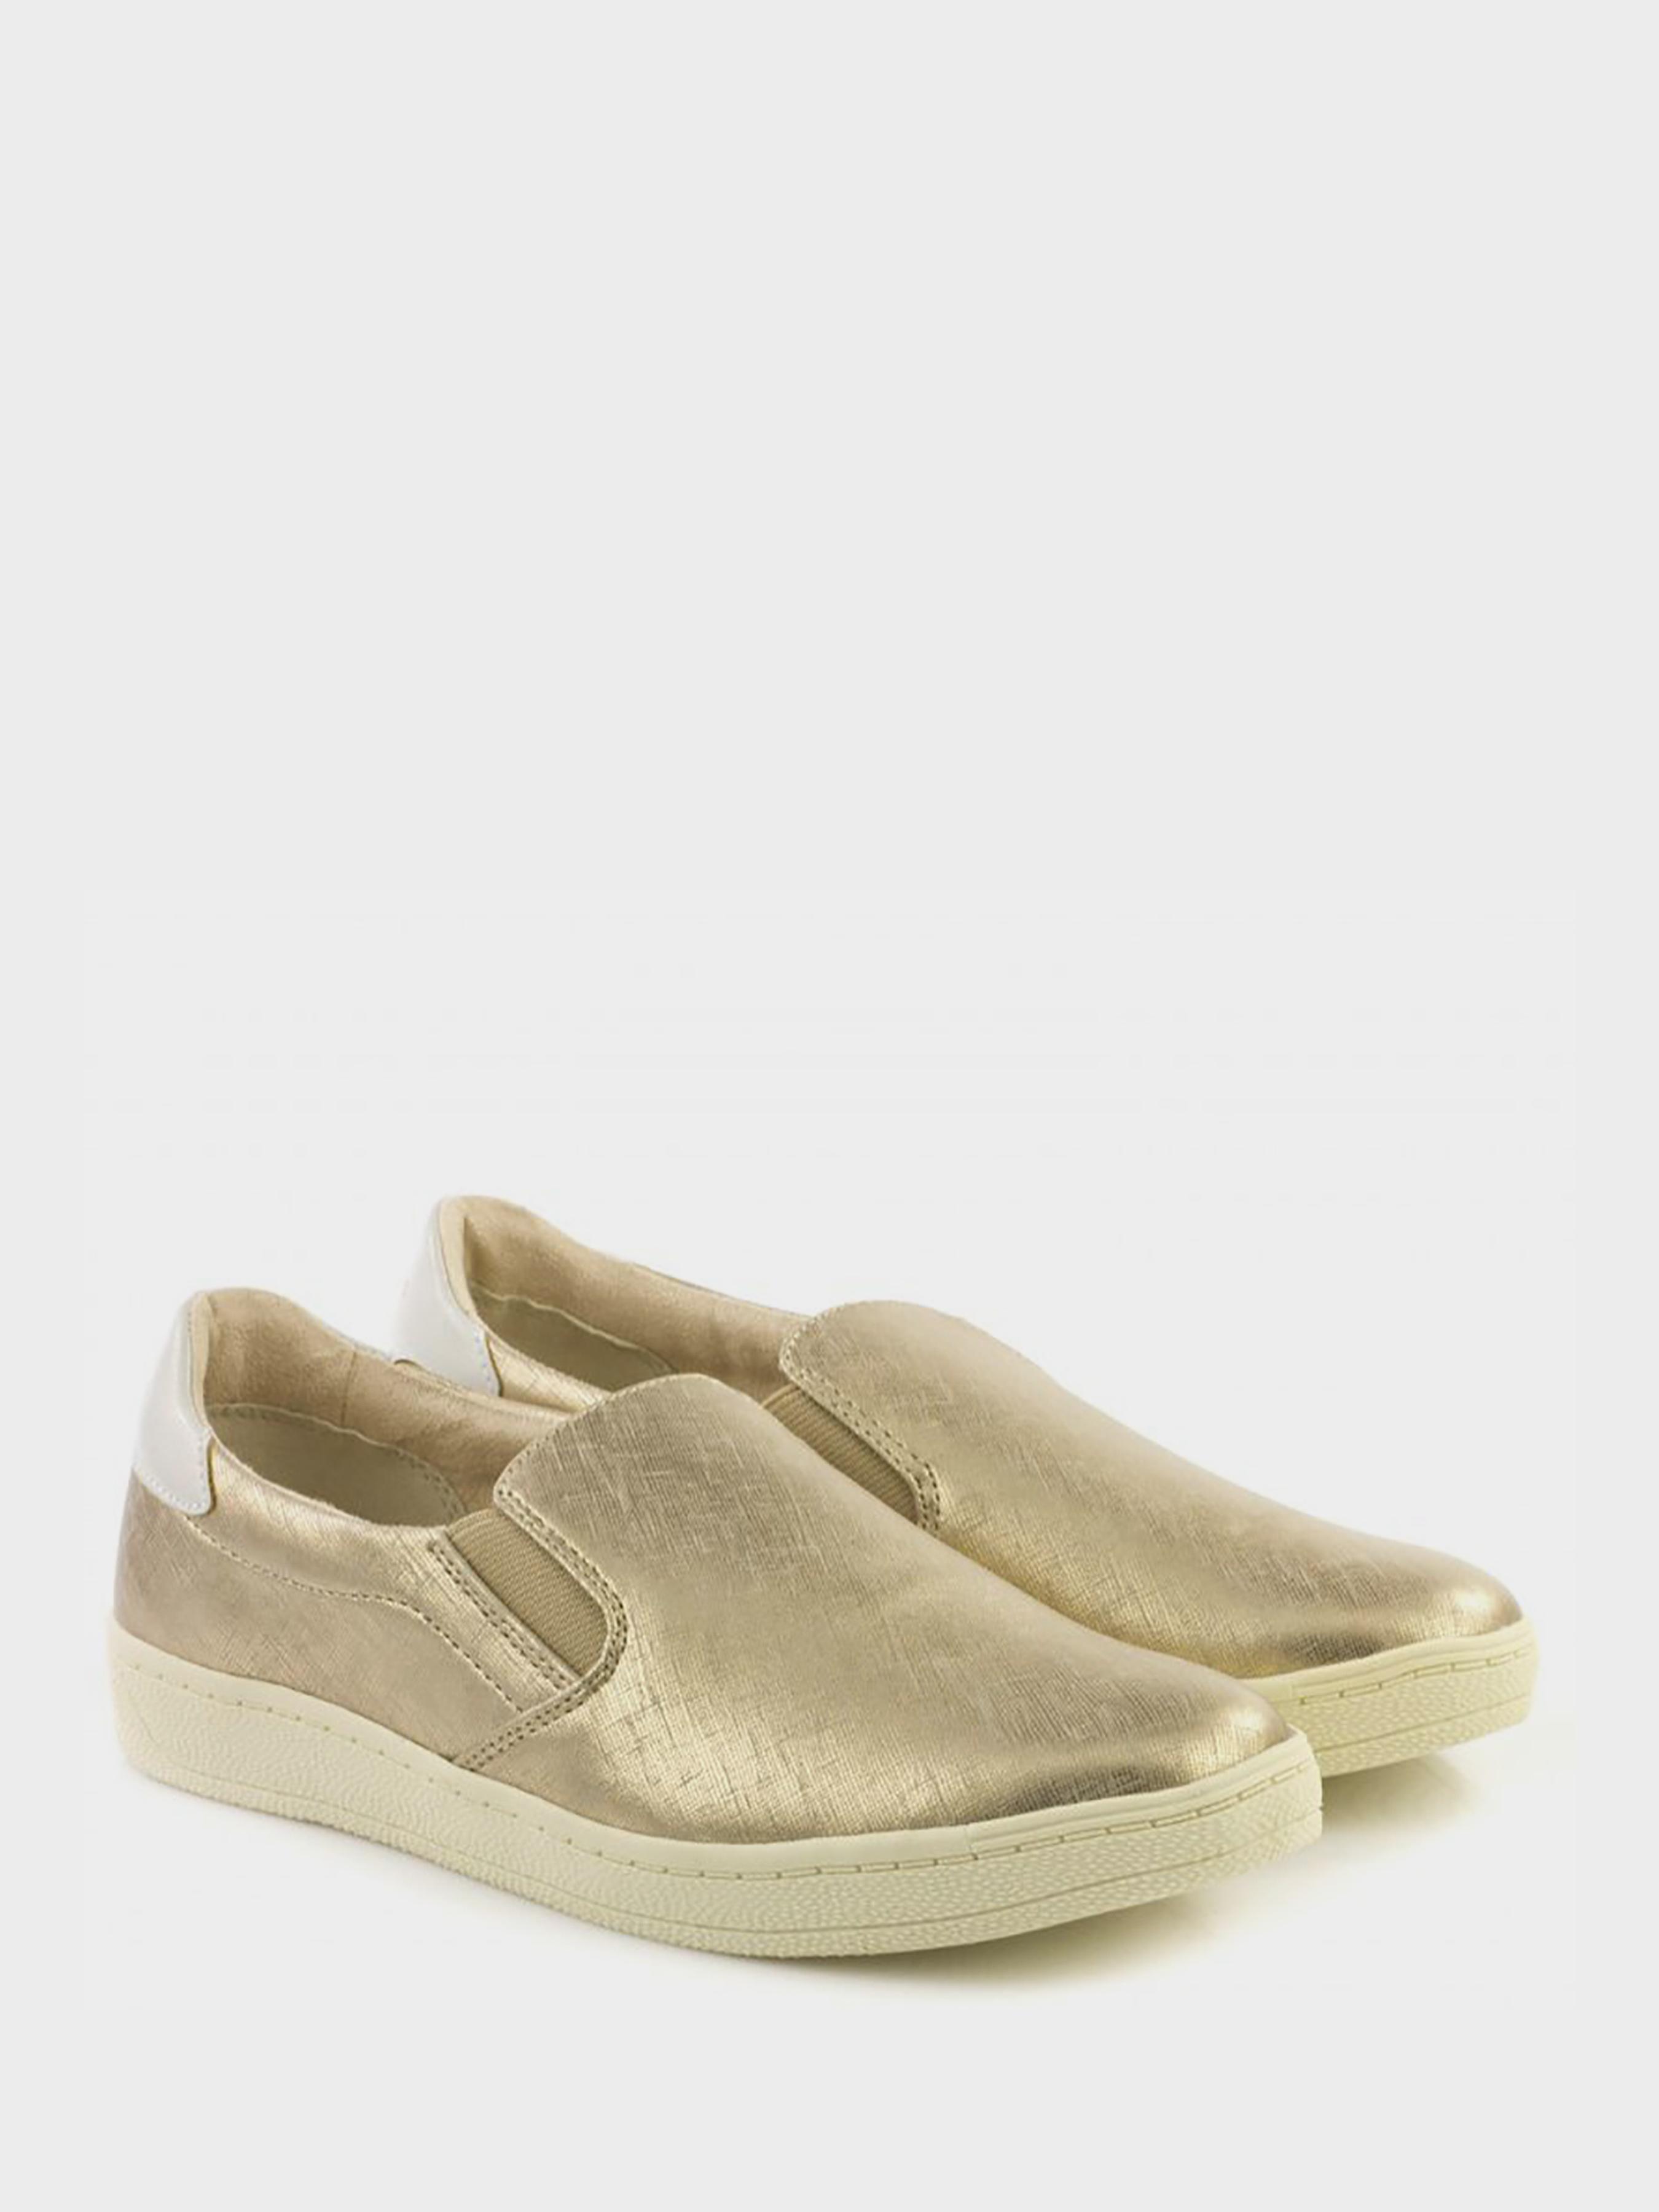 Cлипоны для женщин Tamaris IS323 размерная сетка обуви, 2017